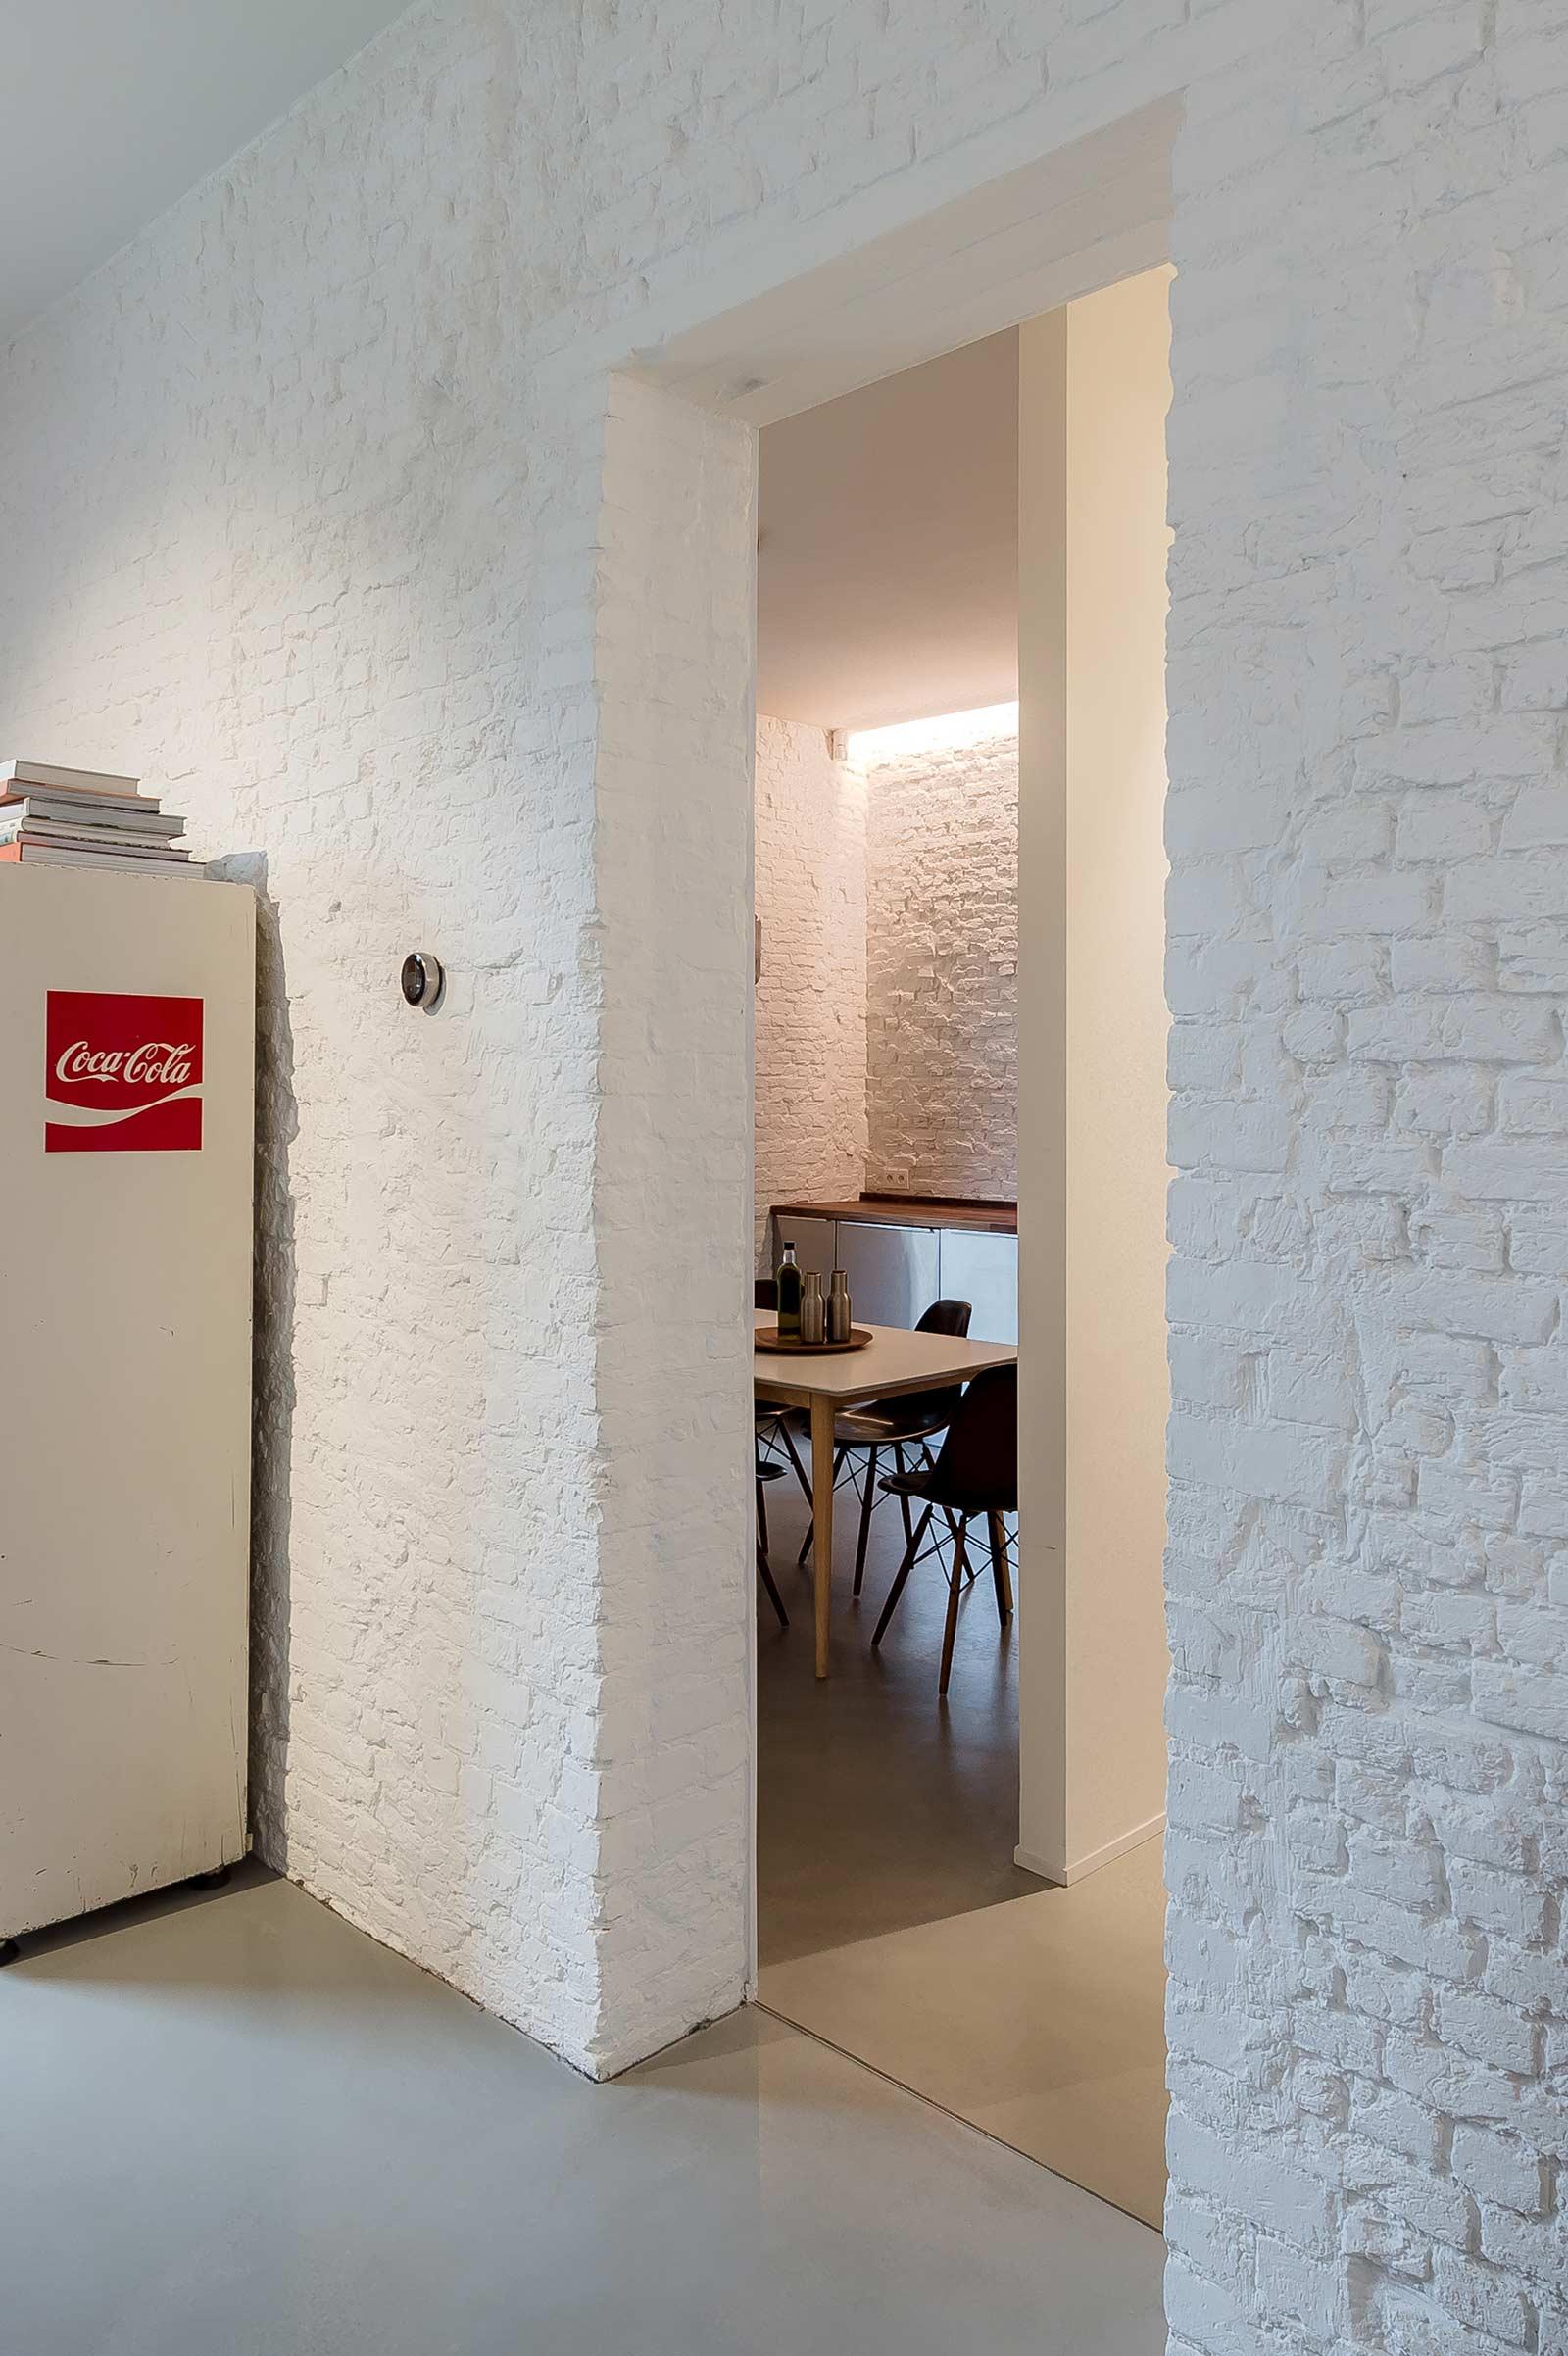 Studio Tolleneer - Office Antwerpen - Rijkswachtkazerne - Coke vending machine coca-cola automaat